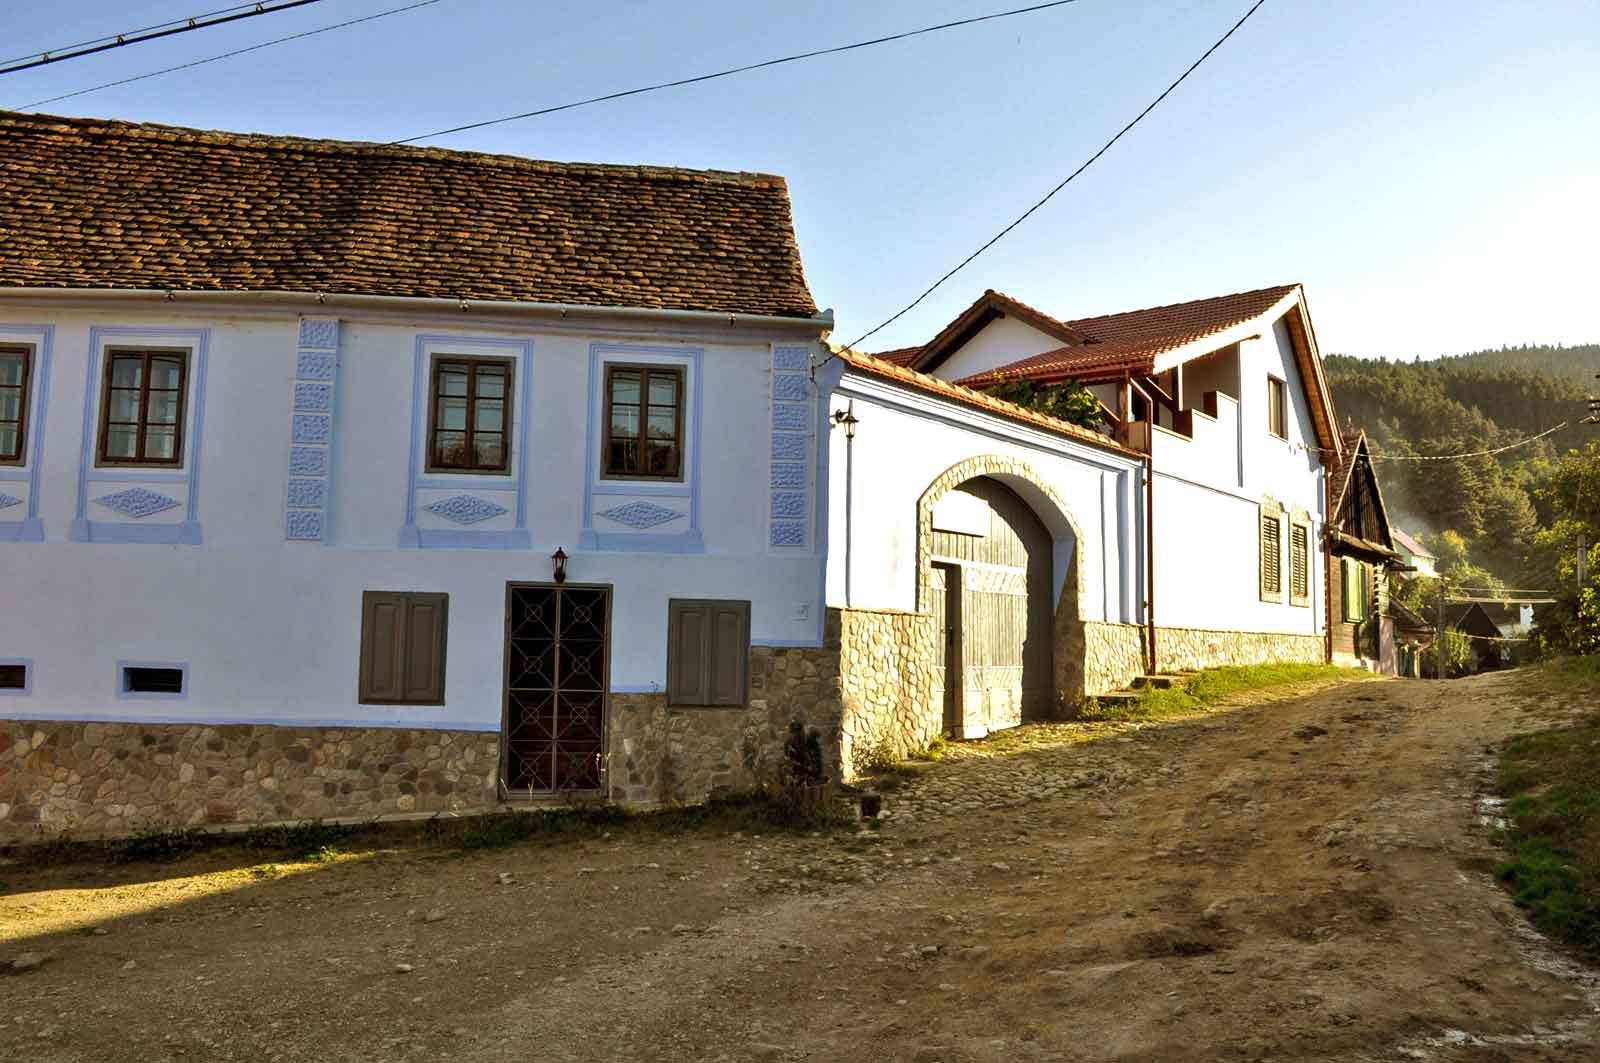 casa-ferienwohnung von privat für transsilvanien-urlaub in rumänien